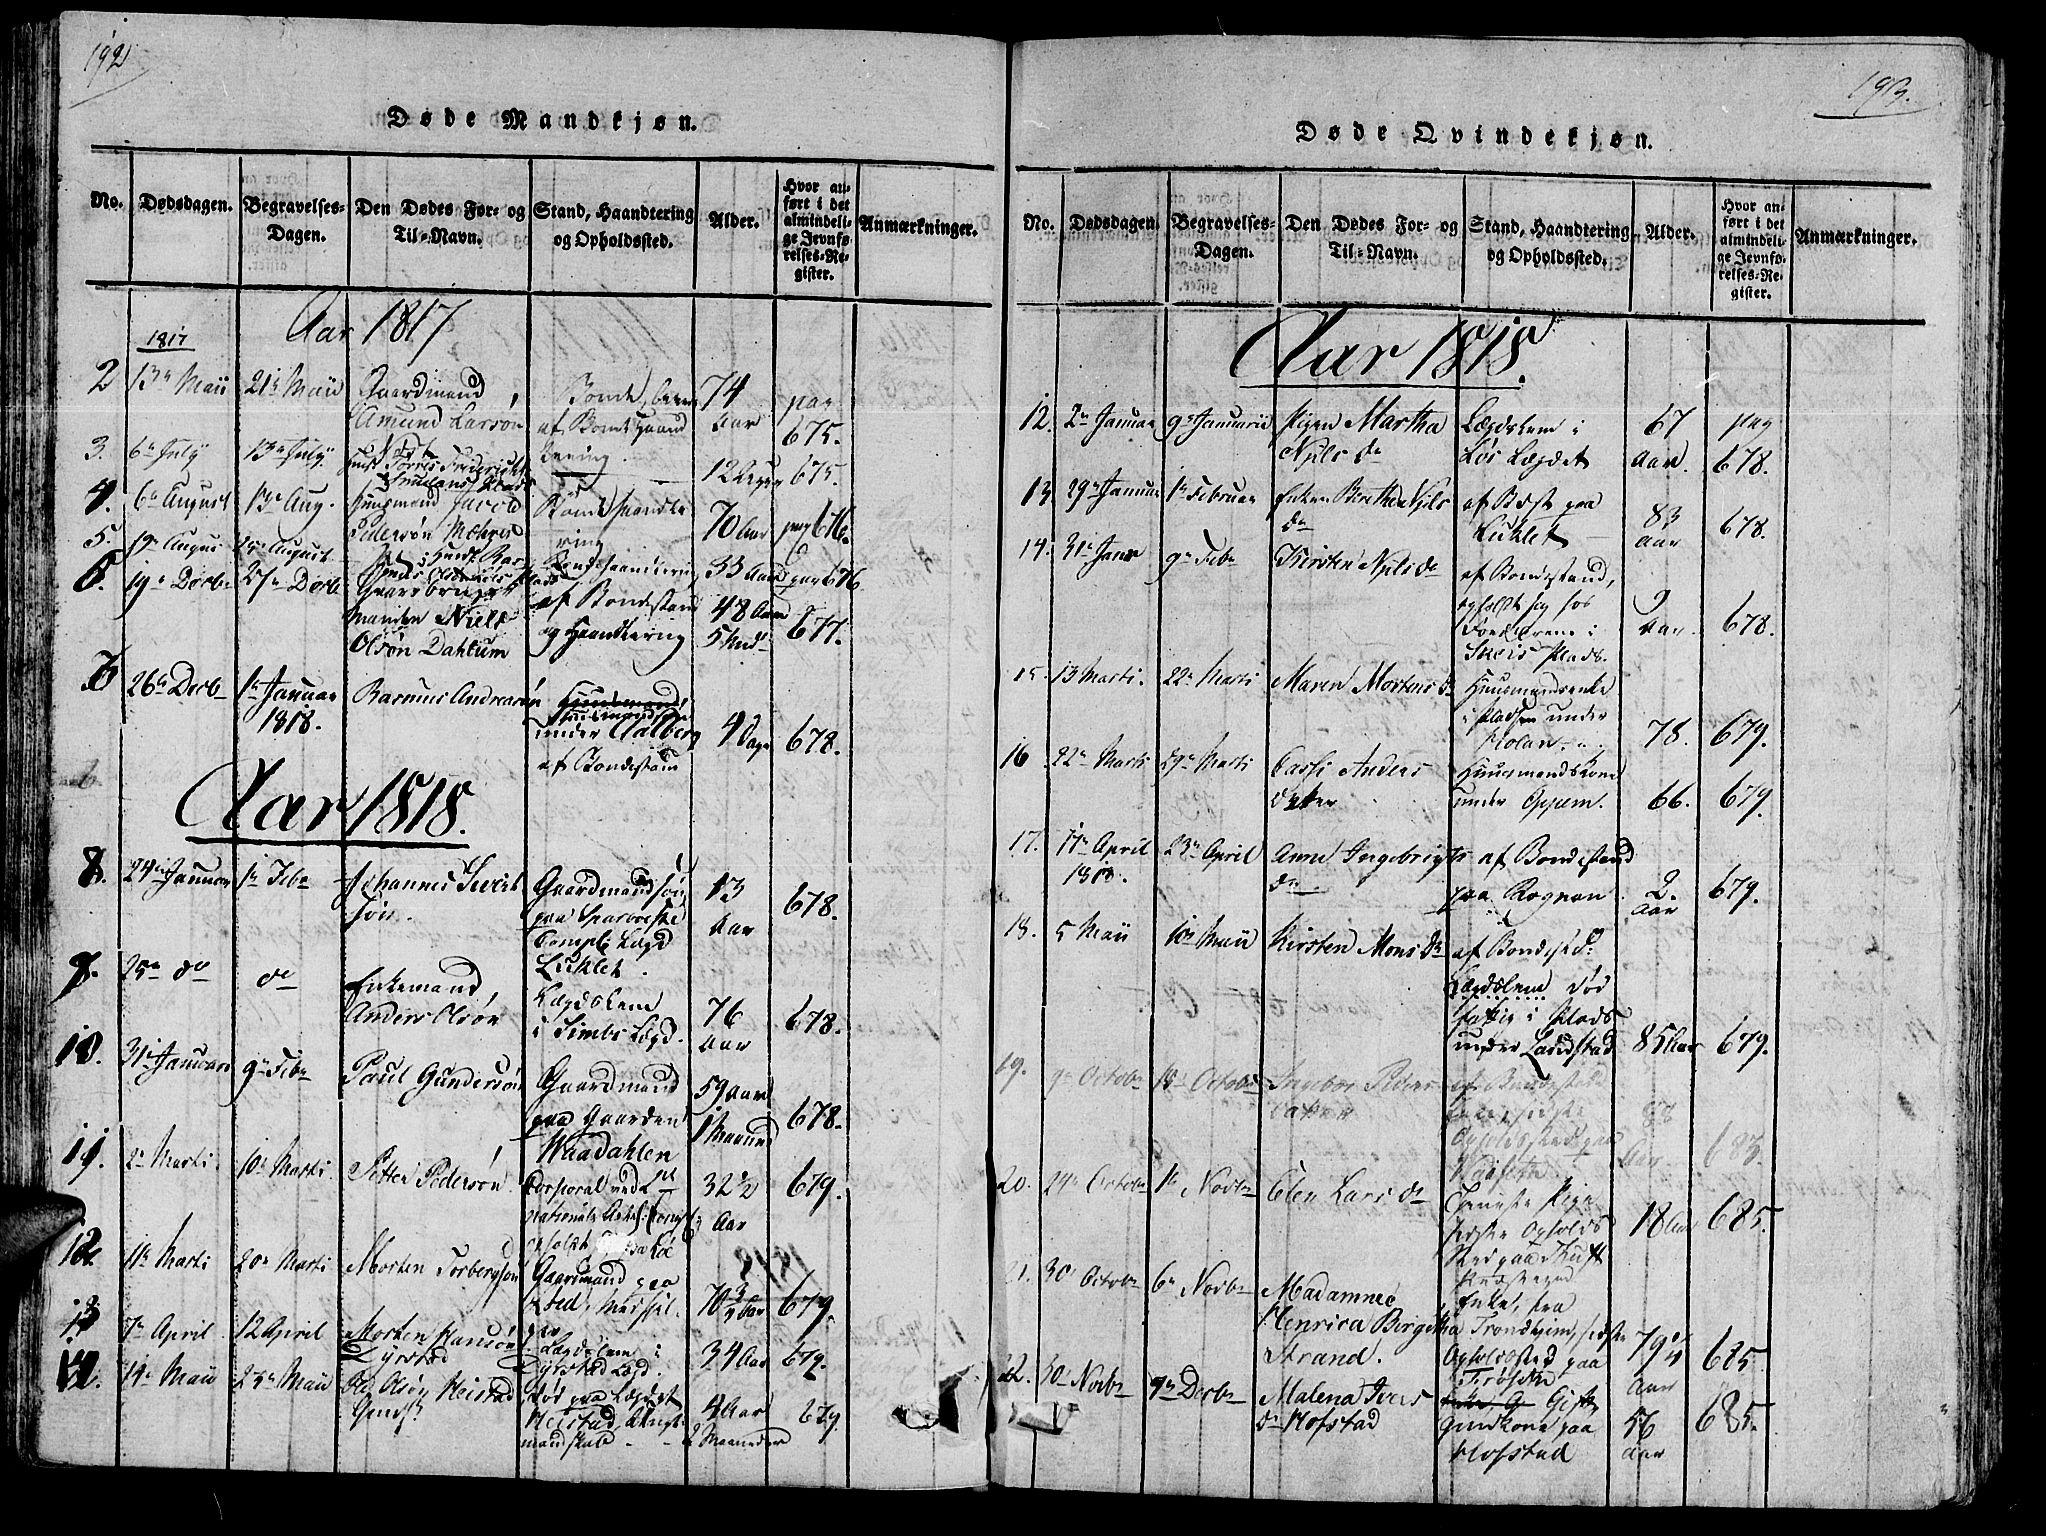 SAT, Ministerialprotokoller, klokkerbøker og fødselsregistre - Nord-Trøndelag, 735/L0333: Ministerialbok nr. 735A04 /1, 1816-1824, s. 192-193